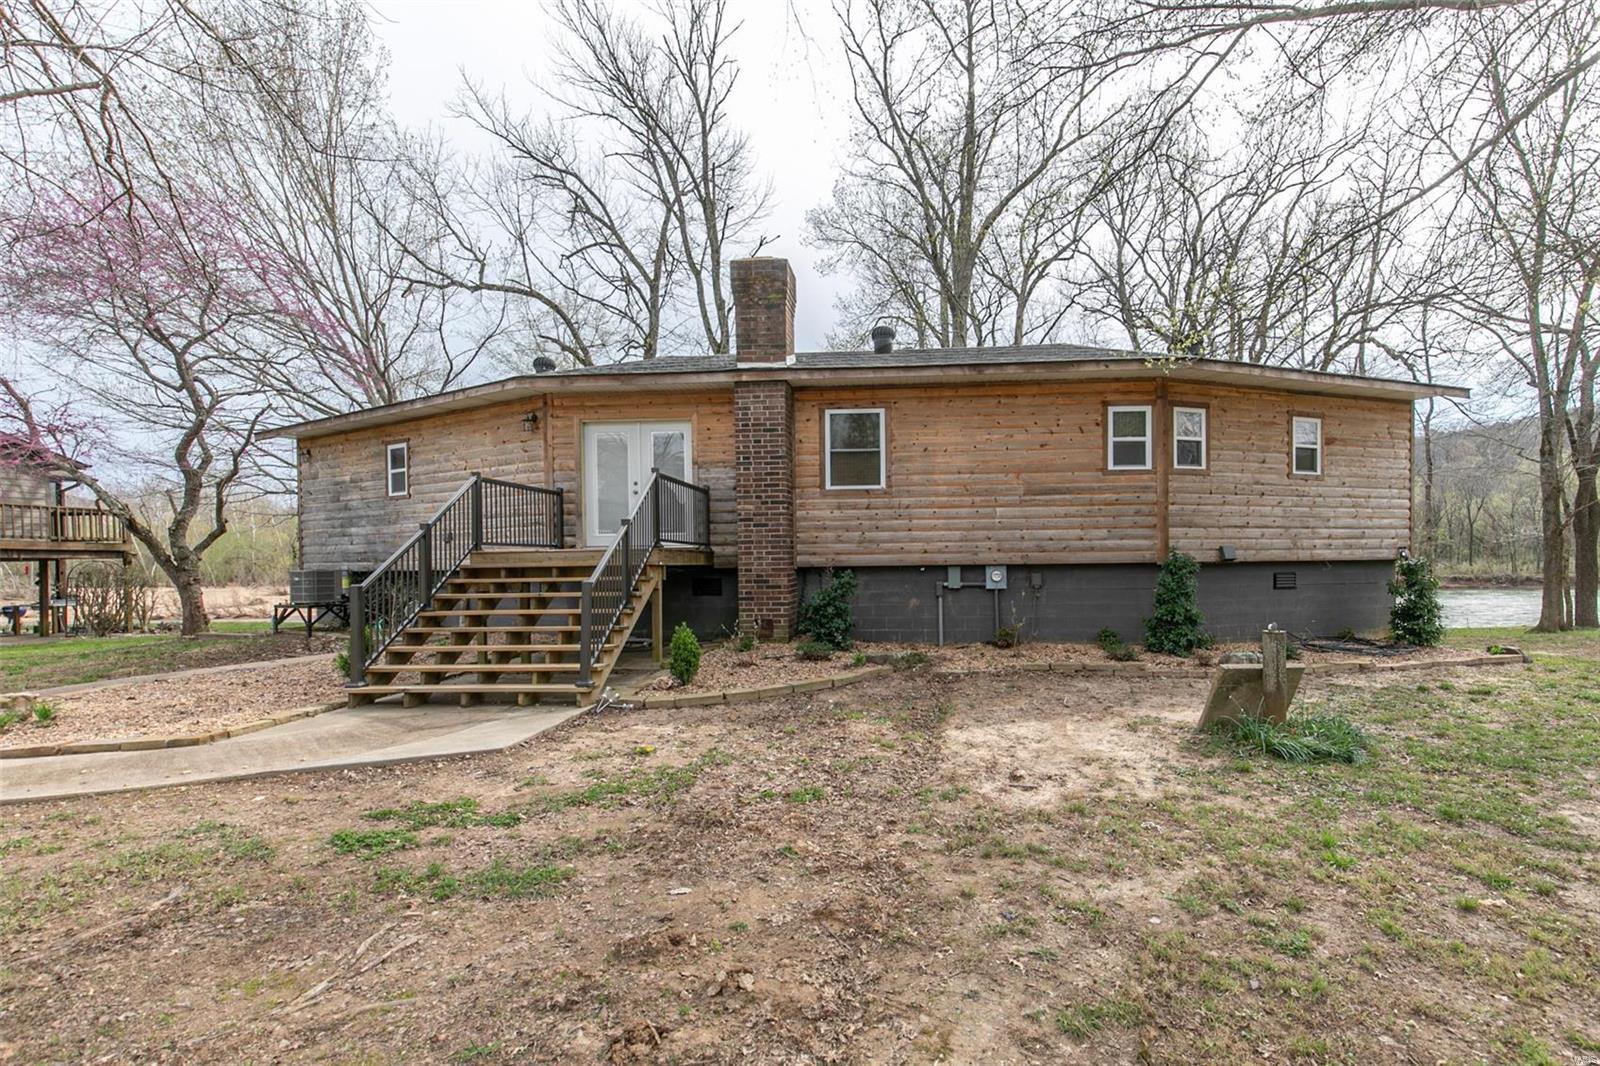 0 TBD Brown Road Property Photo - Van Buren, MO real estate listing